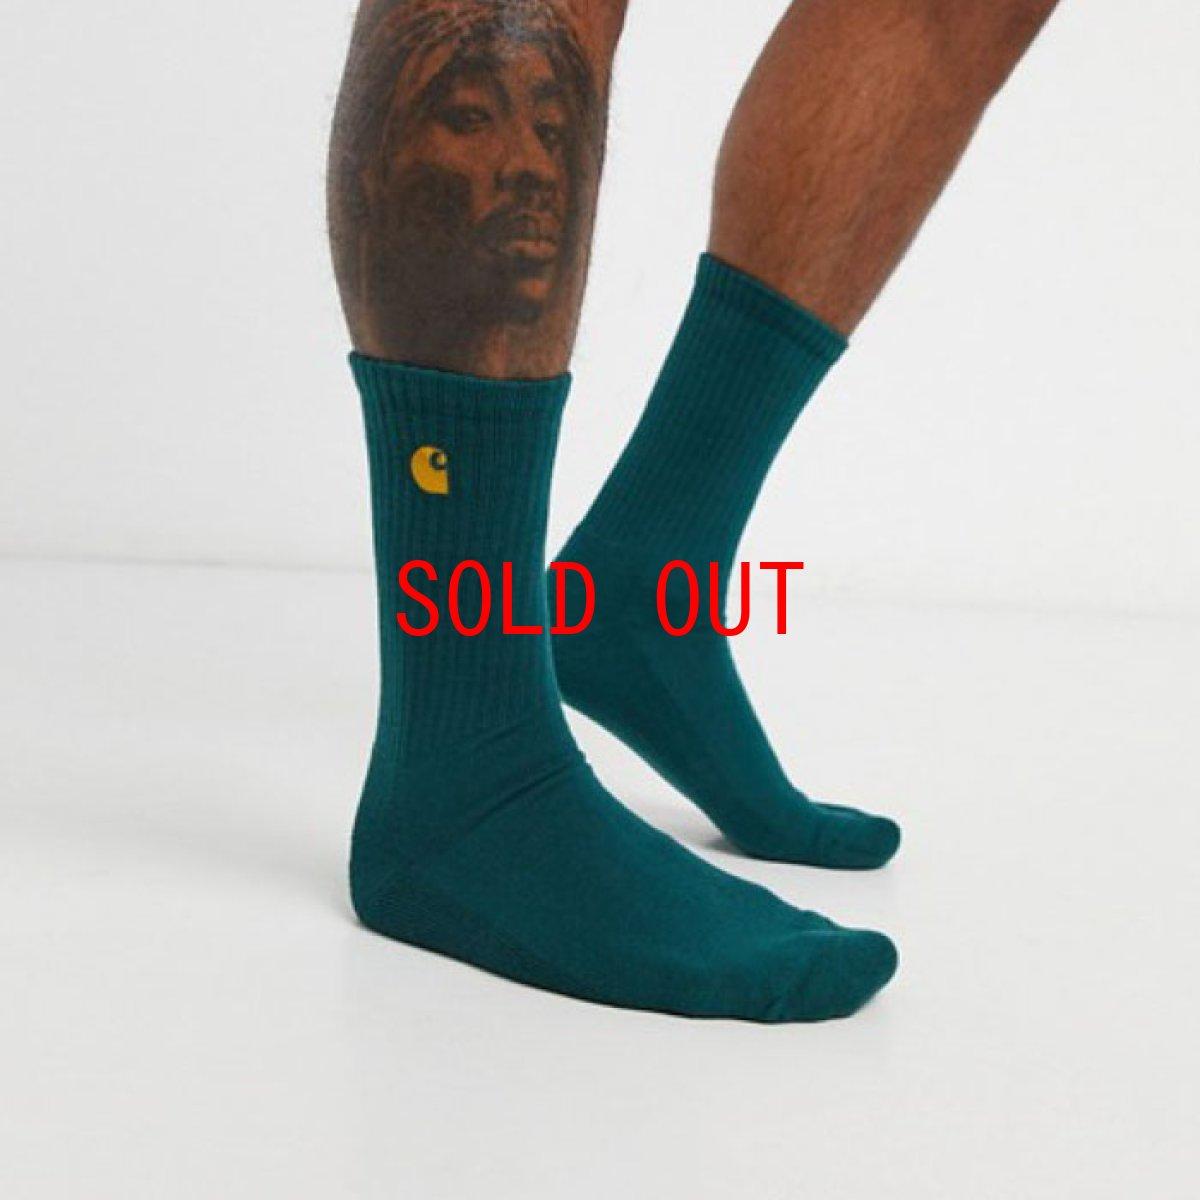 画像1: Chase Socks 靴下 One Point Logo ソックス (1)